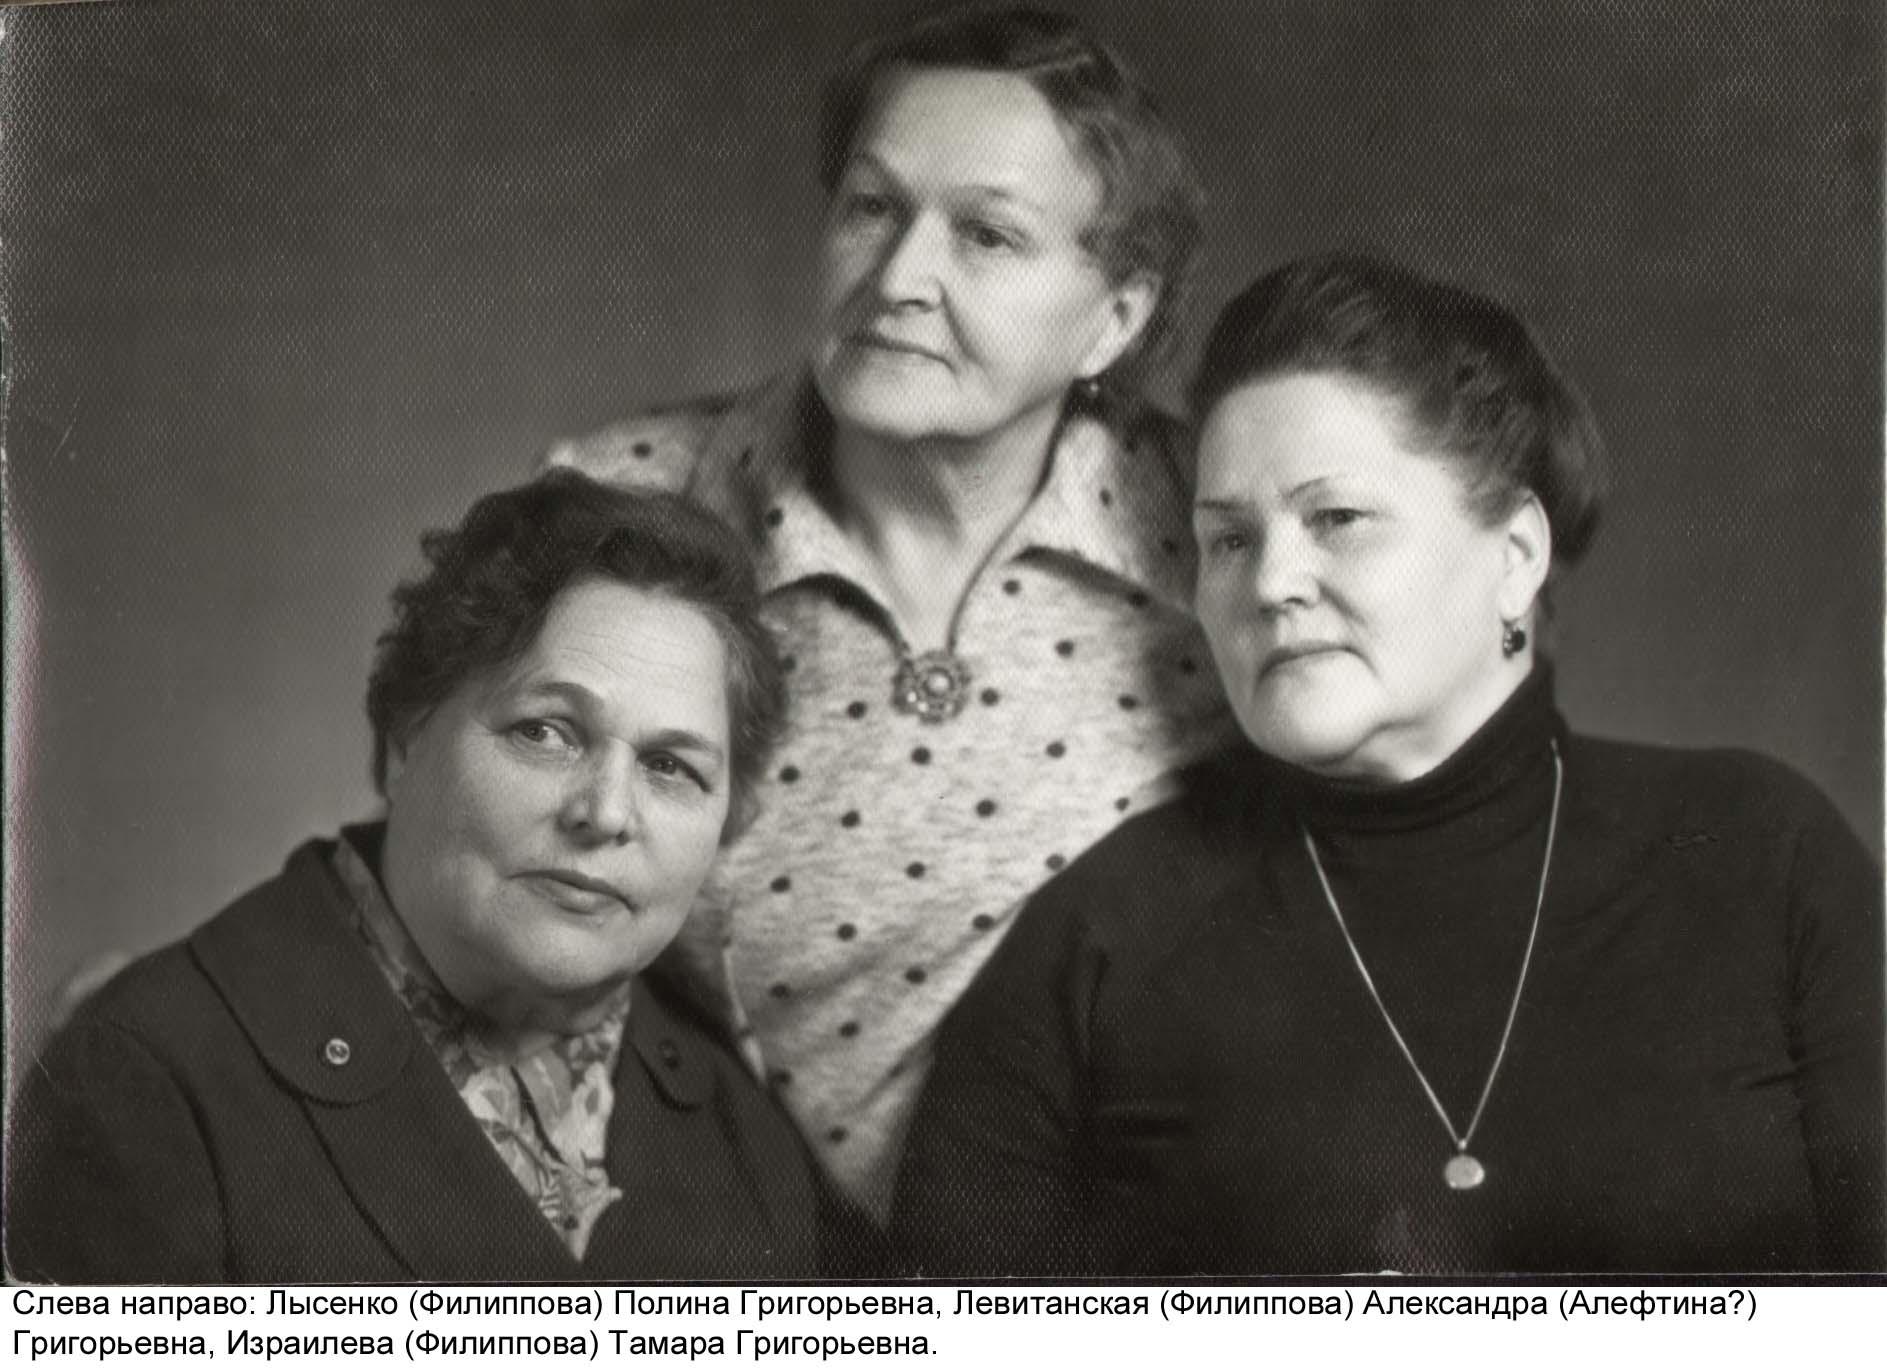 Сёстры Филипповы. Слева направо: Лысенко (Филиппова) Полина Григорьевна, Левитанская (Филиппова) Александра (Алефтина?) Григорьевна, Израилева (Филиппова) Тамара Григорьевна